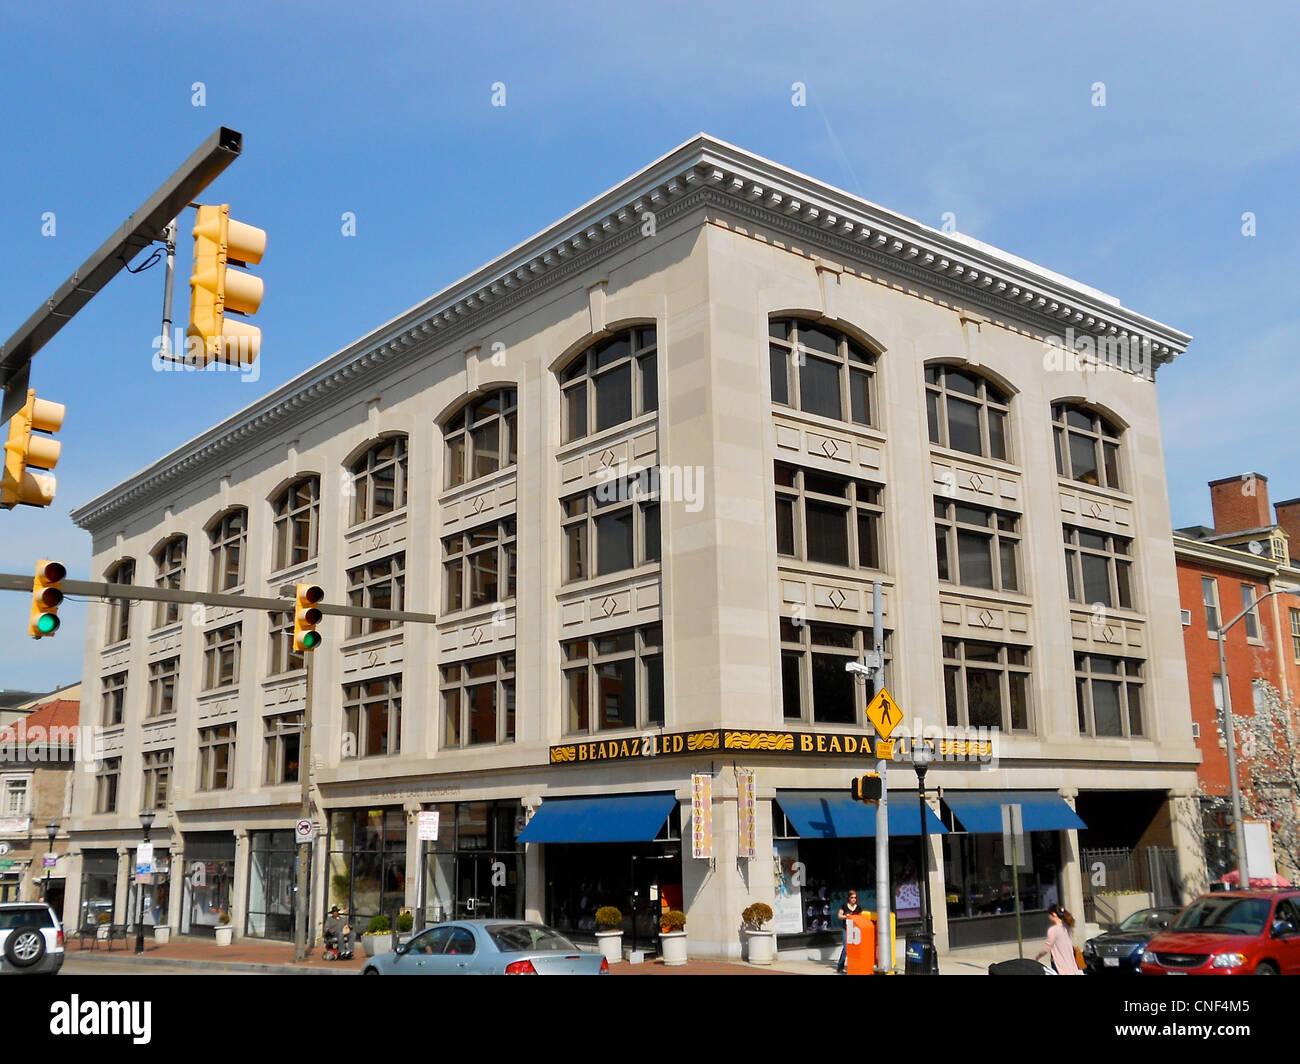 Edificio Benson en el NRHP desde Marzo 26, 1980. A 4 E. Franklin St. en el centro de Baltimore, Maryland Imagen De Stock